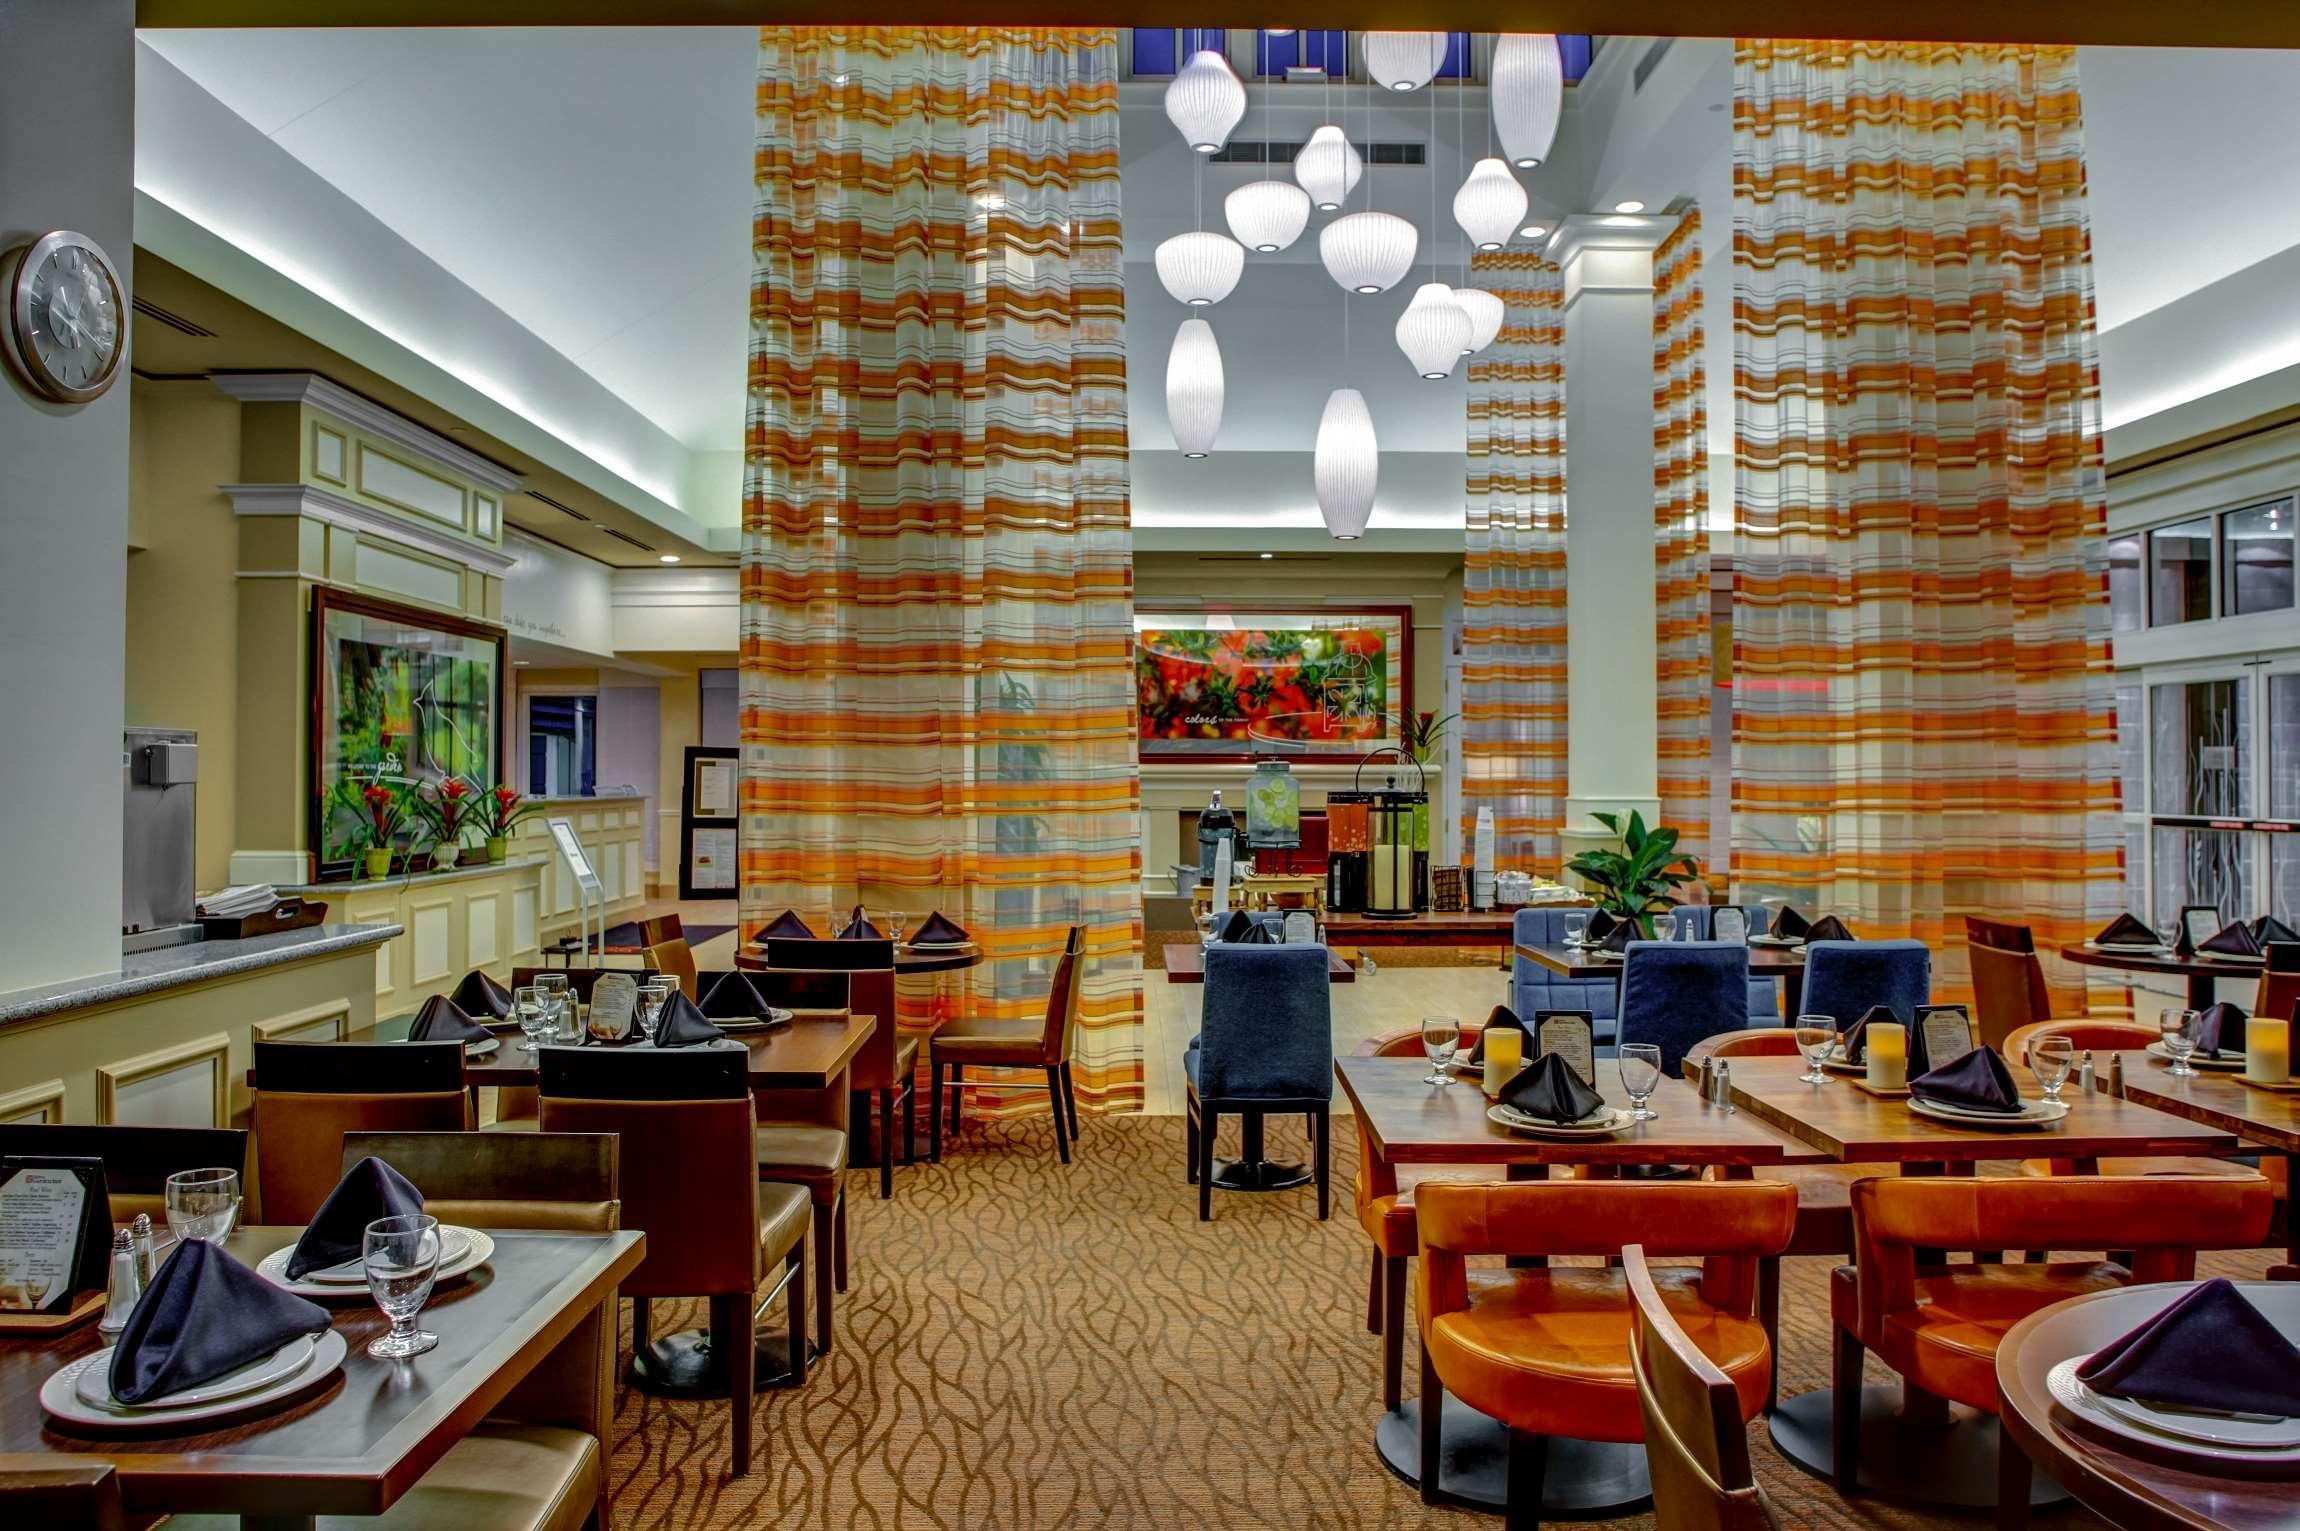 Hilton Garden Inn Danbury image 13